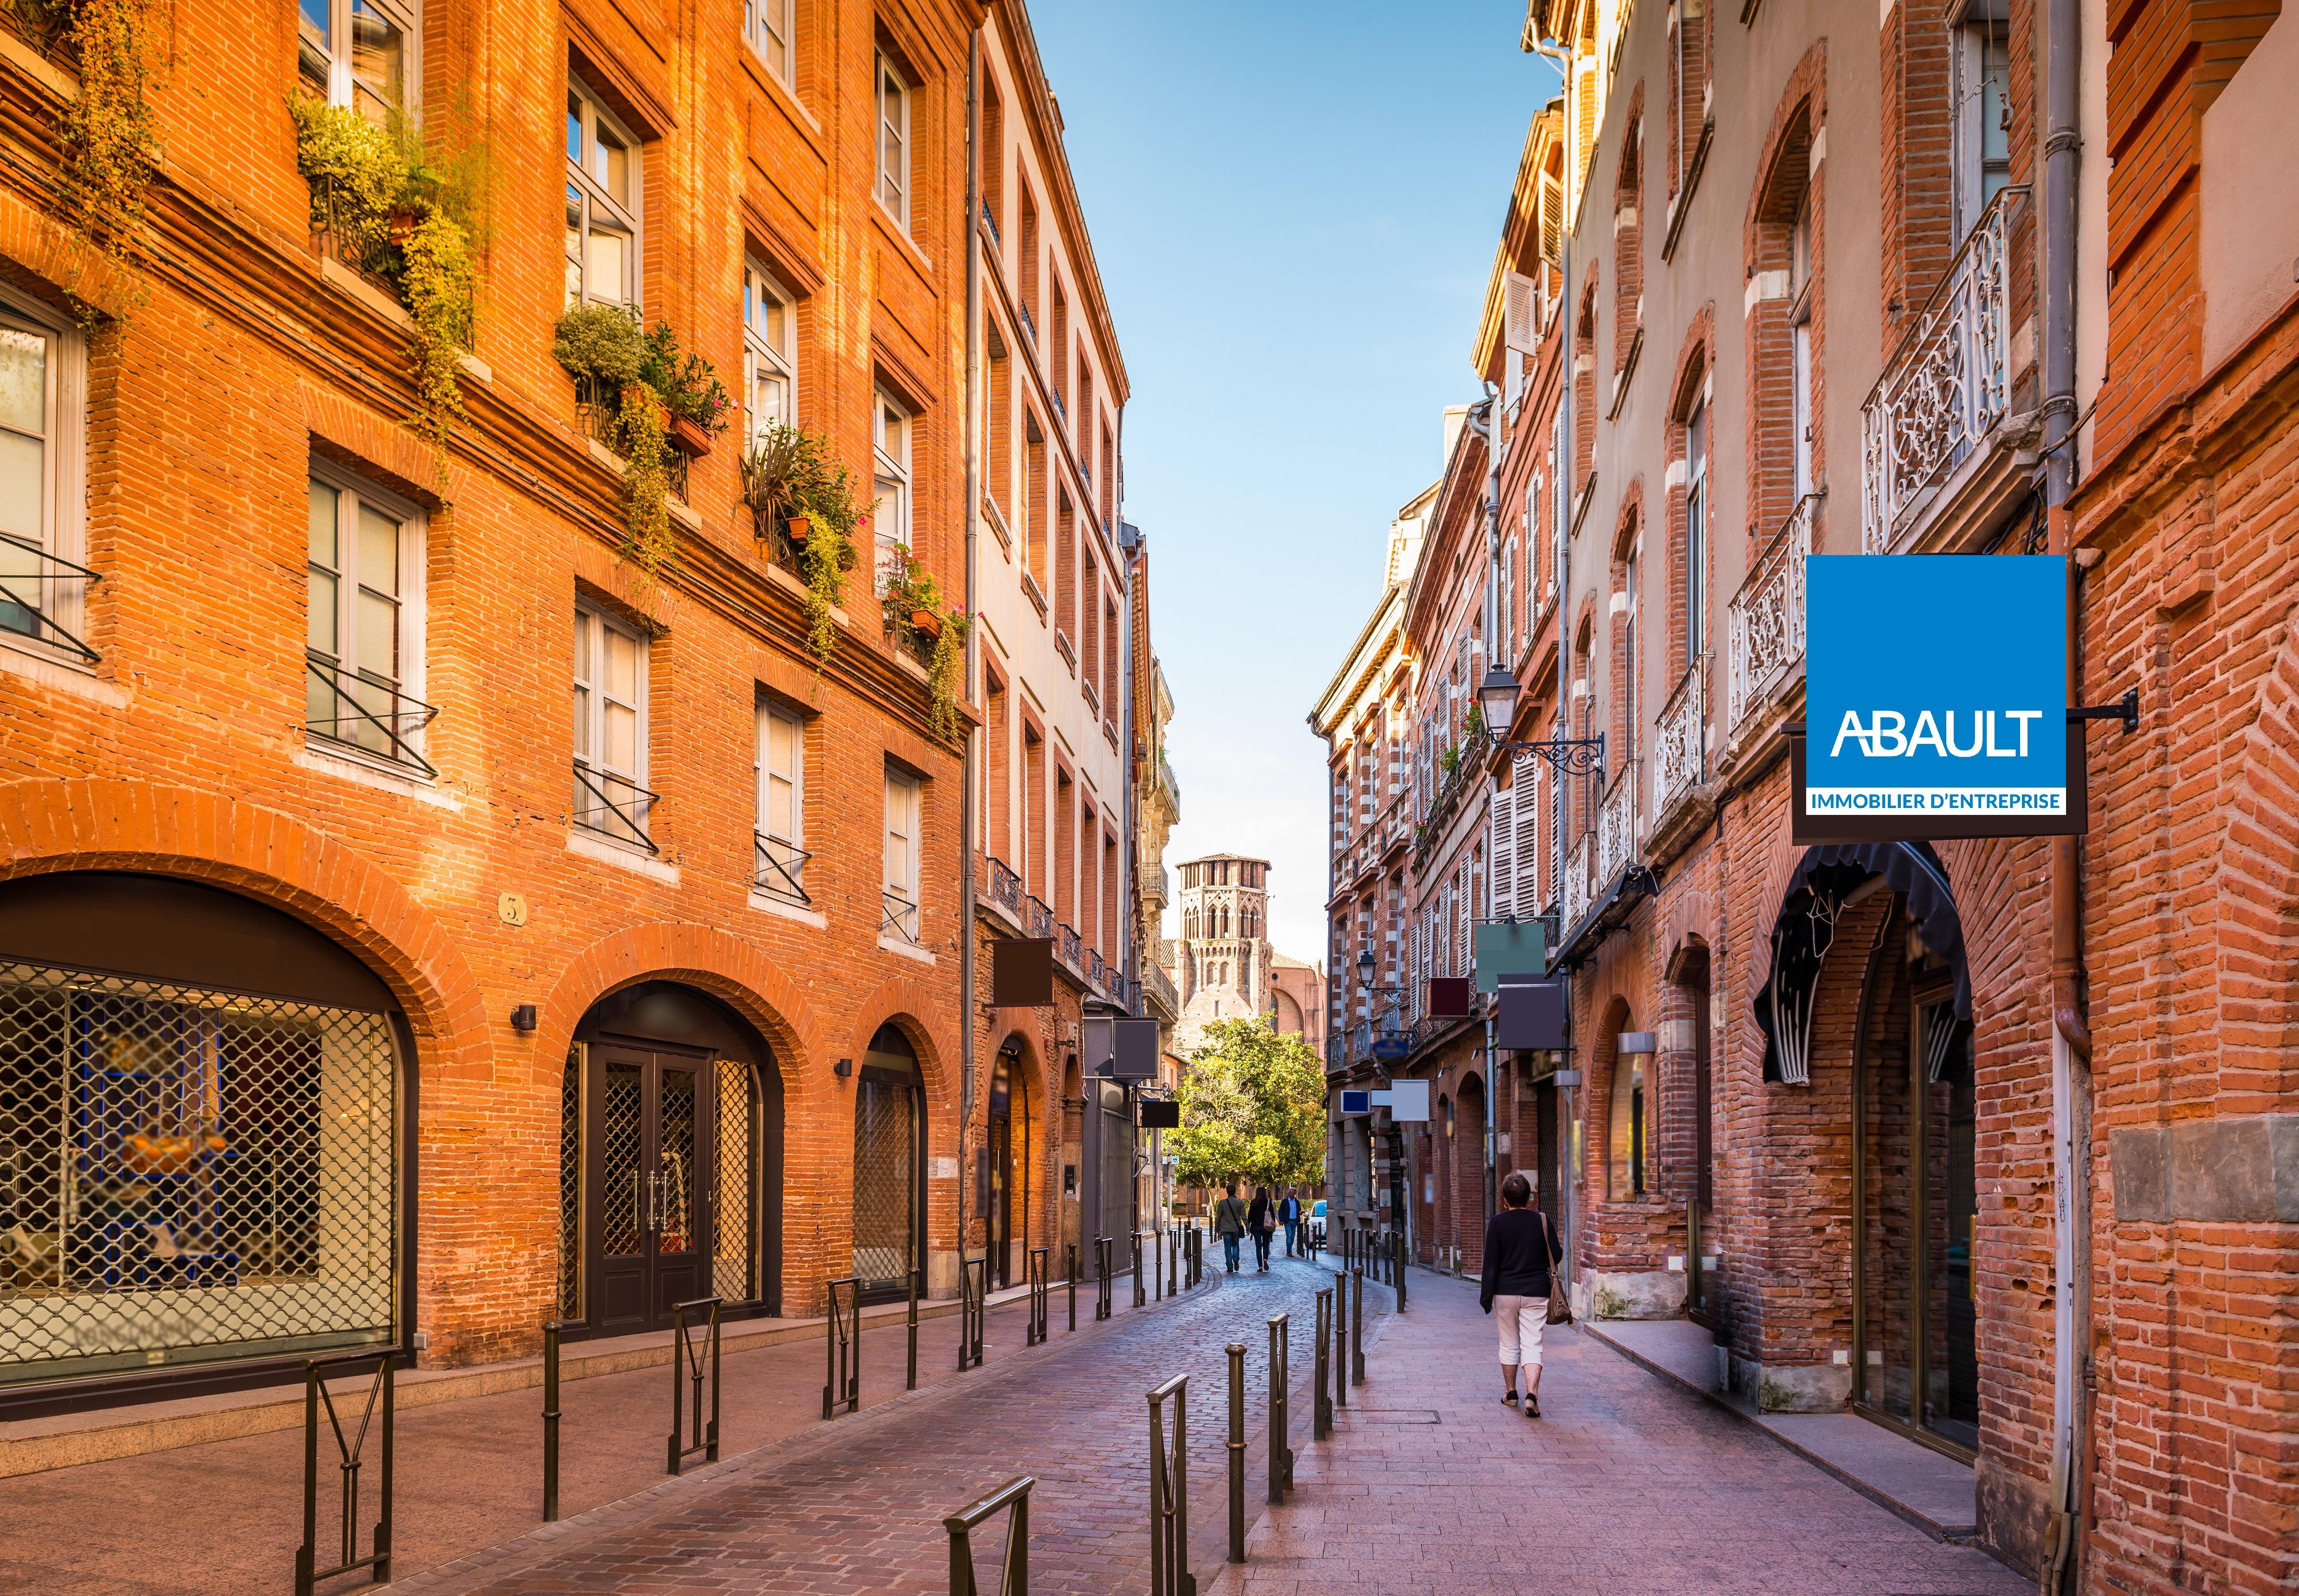 Abault immobilier d'entreprise partenaire Geolocaux annonces géolocalisées bureaux locaux entrepots commerces